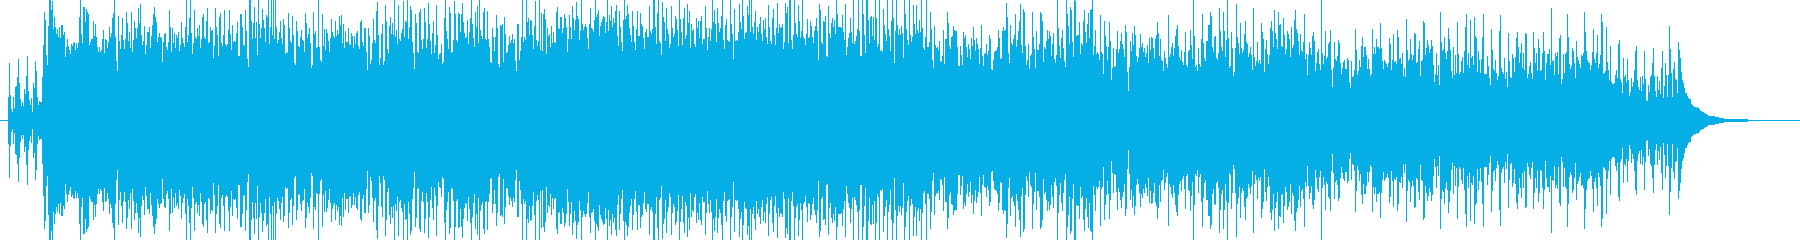 ファンタジーのお祭り曲 ケルト風の再生済みの波形